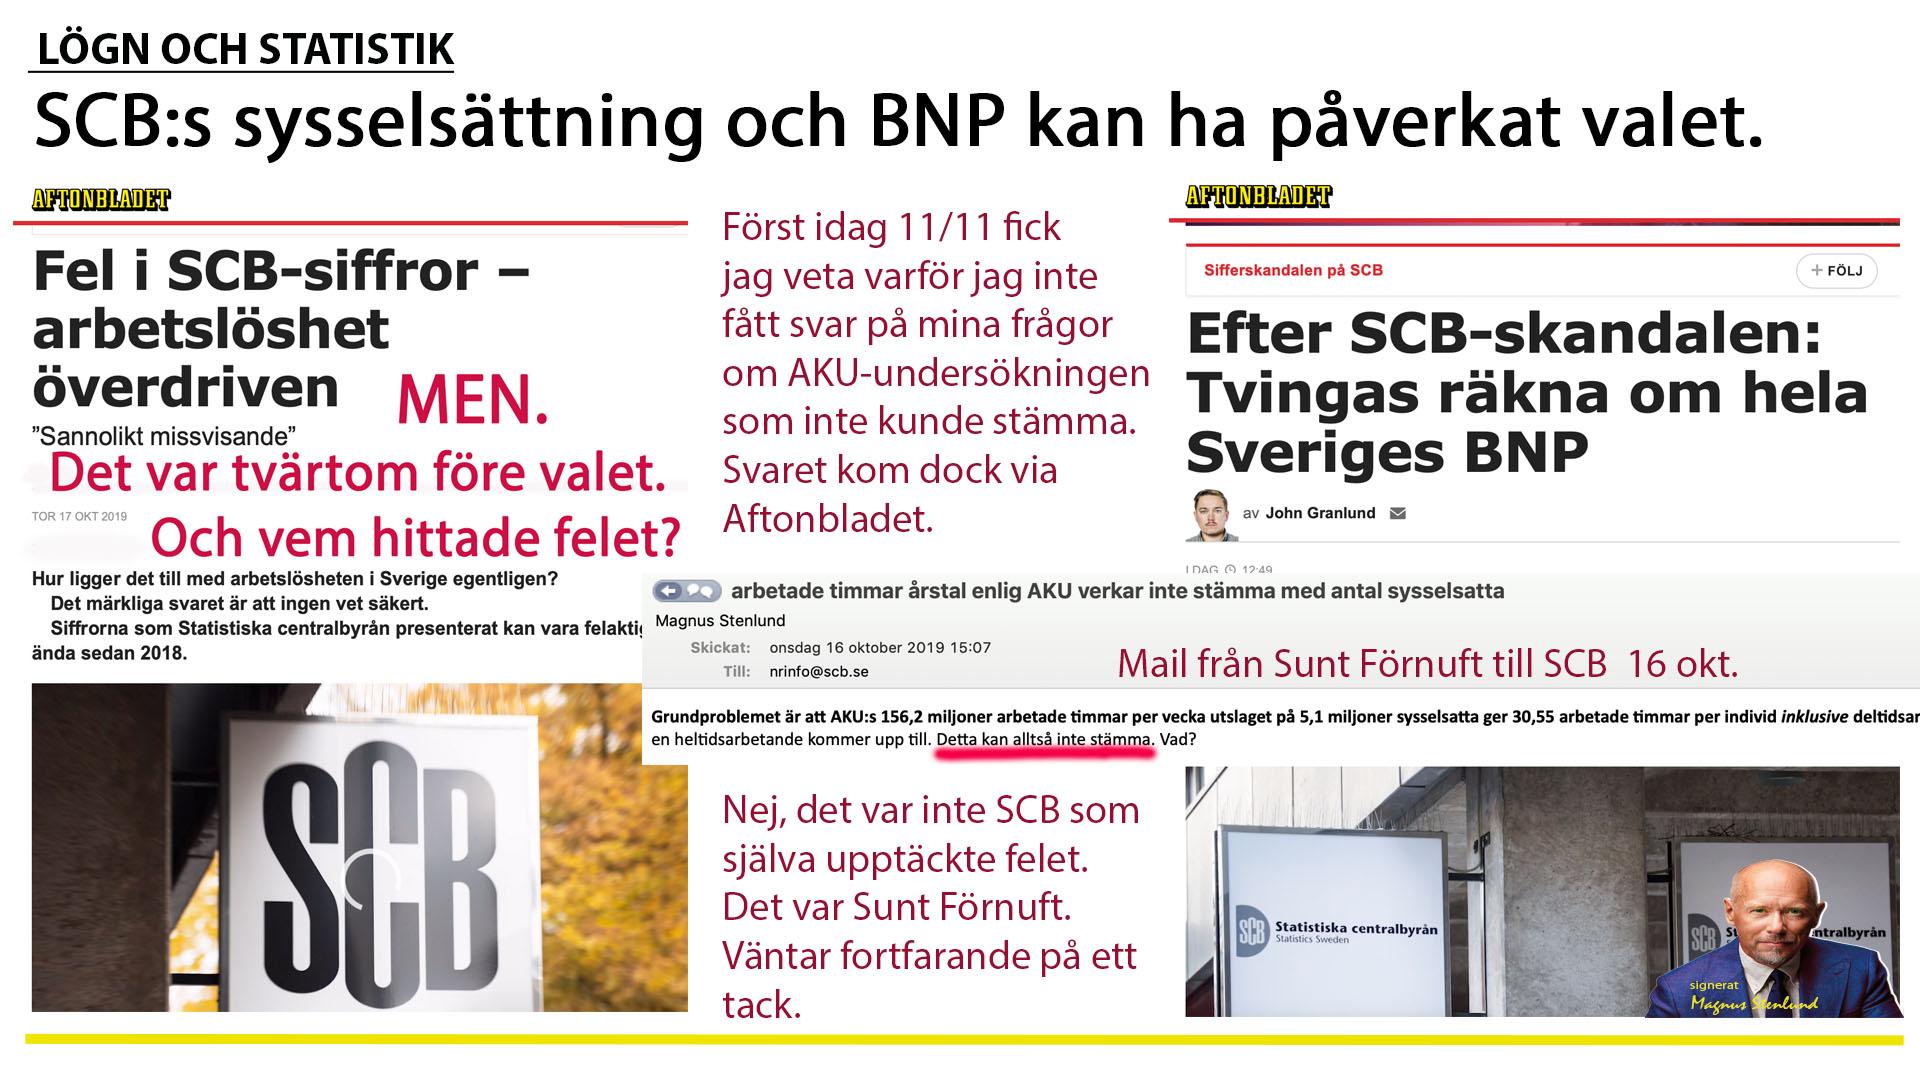 När SCB inte gör sanity checks på sina siffror så kan man inte skylla ifrån sig. Privatpersonen Magnus Stenlund ska inte behöva göra jobbet.